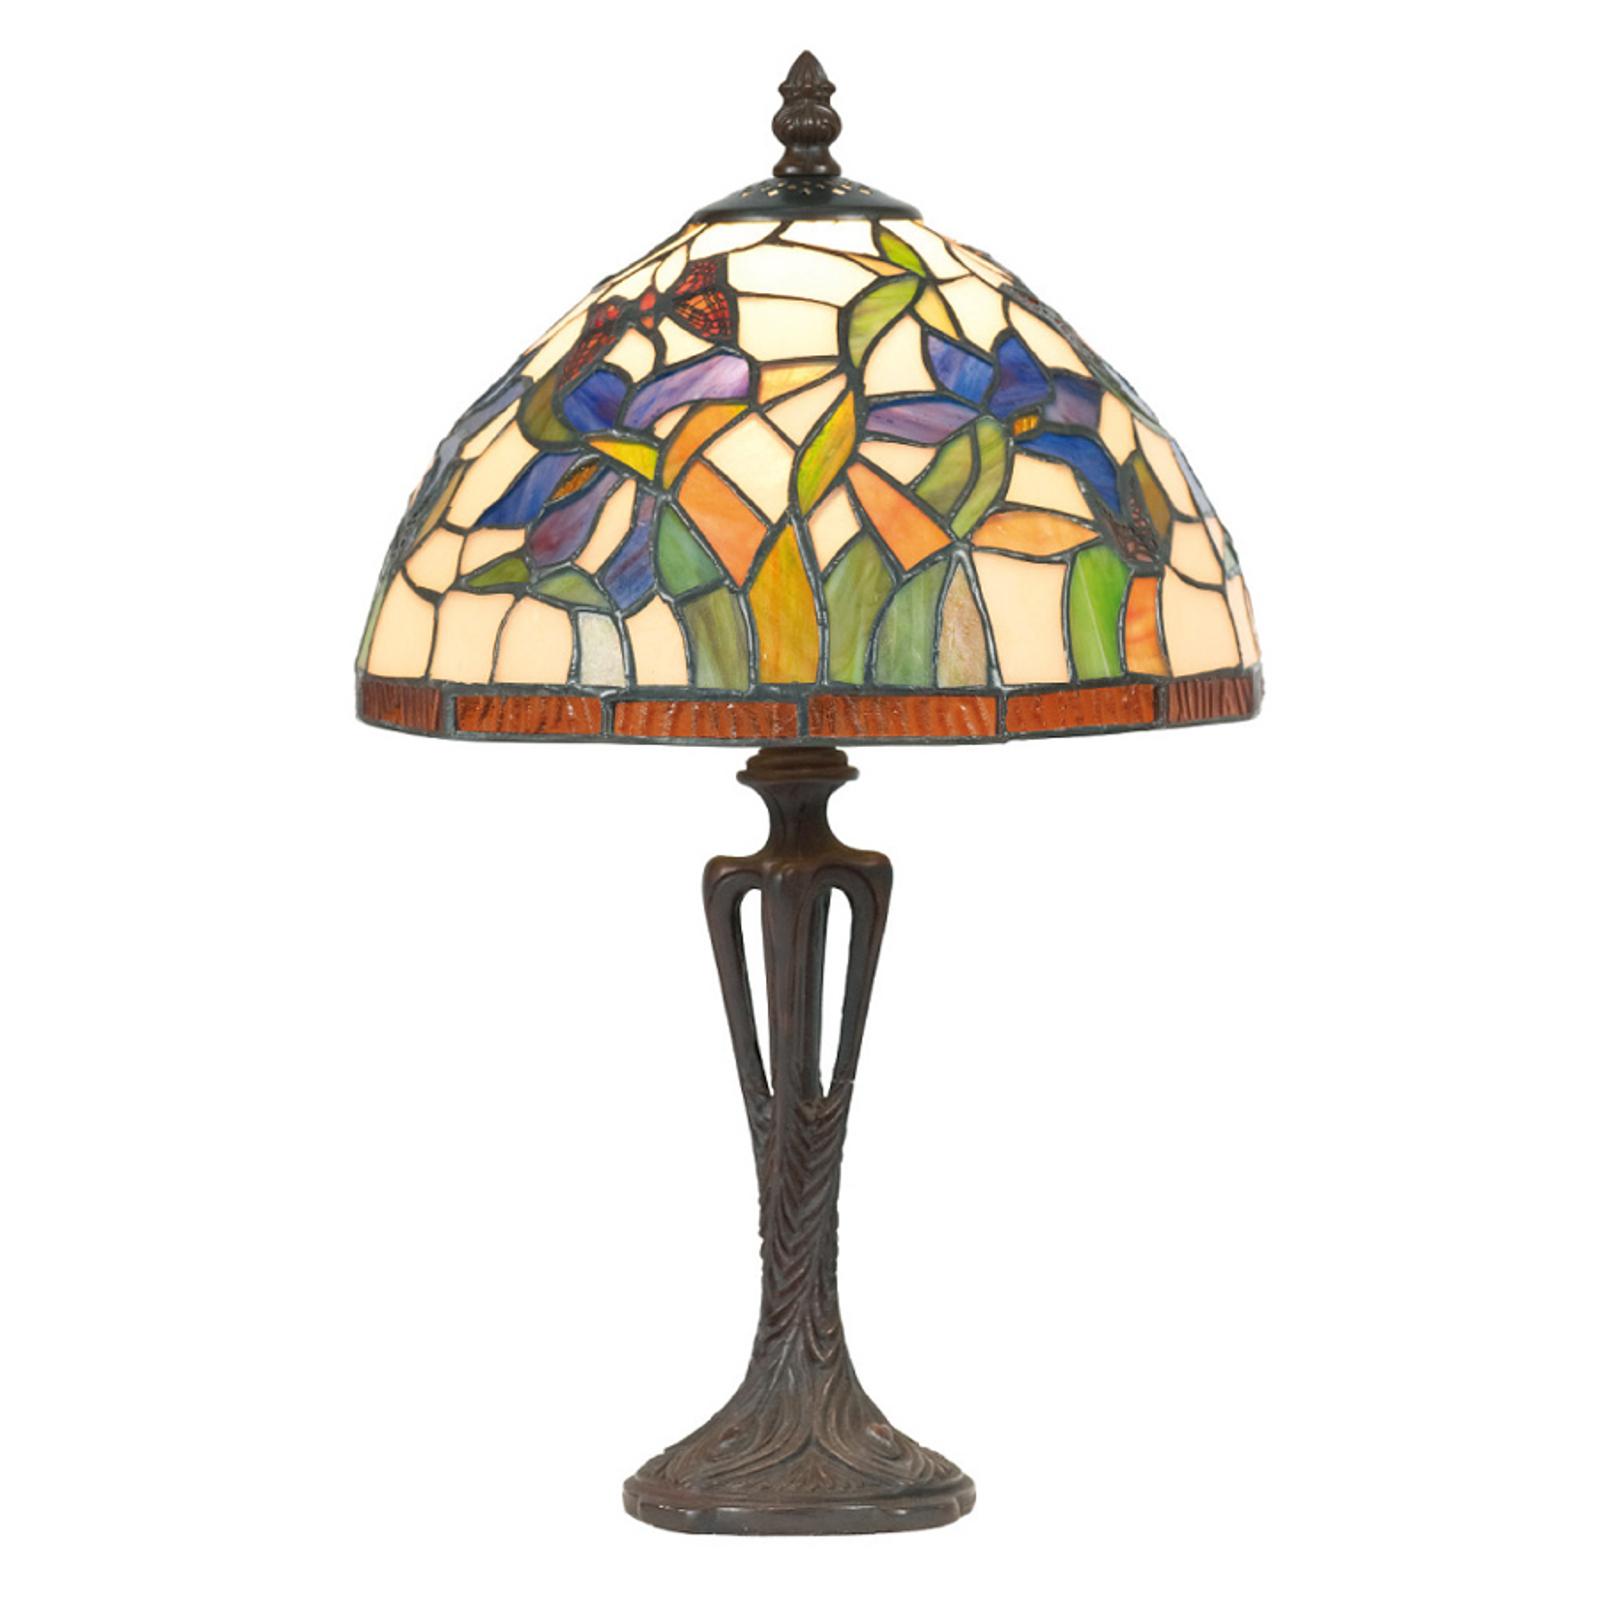 Lampa stołowa Elanda w stylu Tiffany, 40 cm